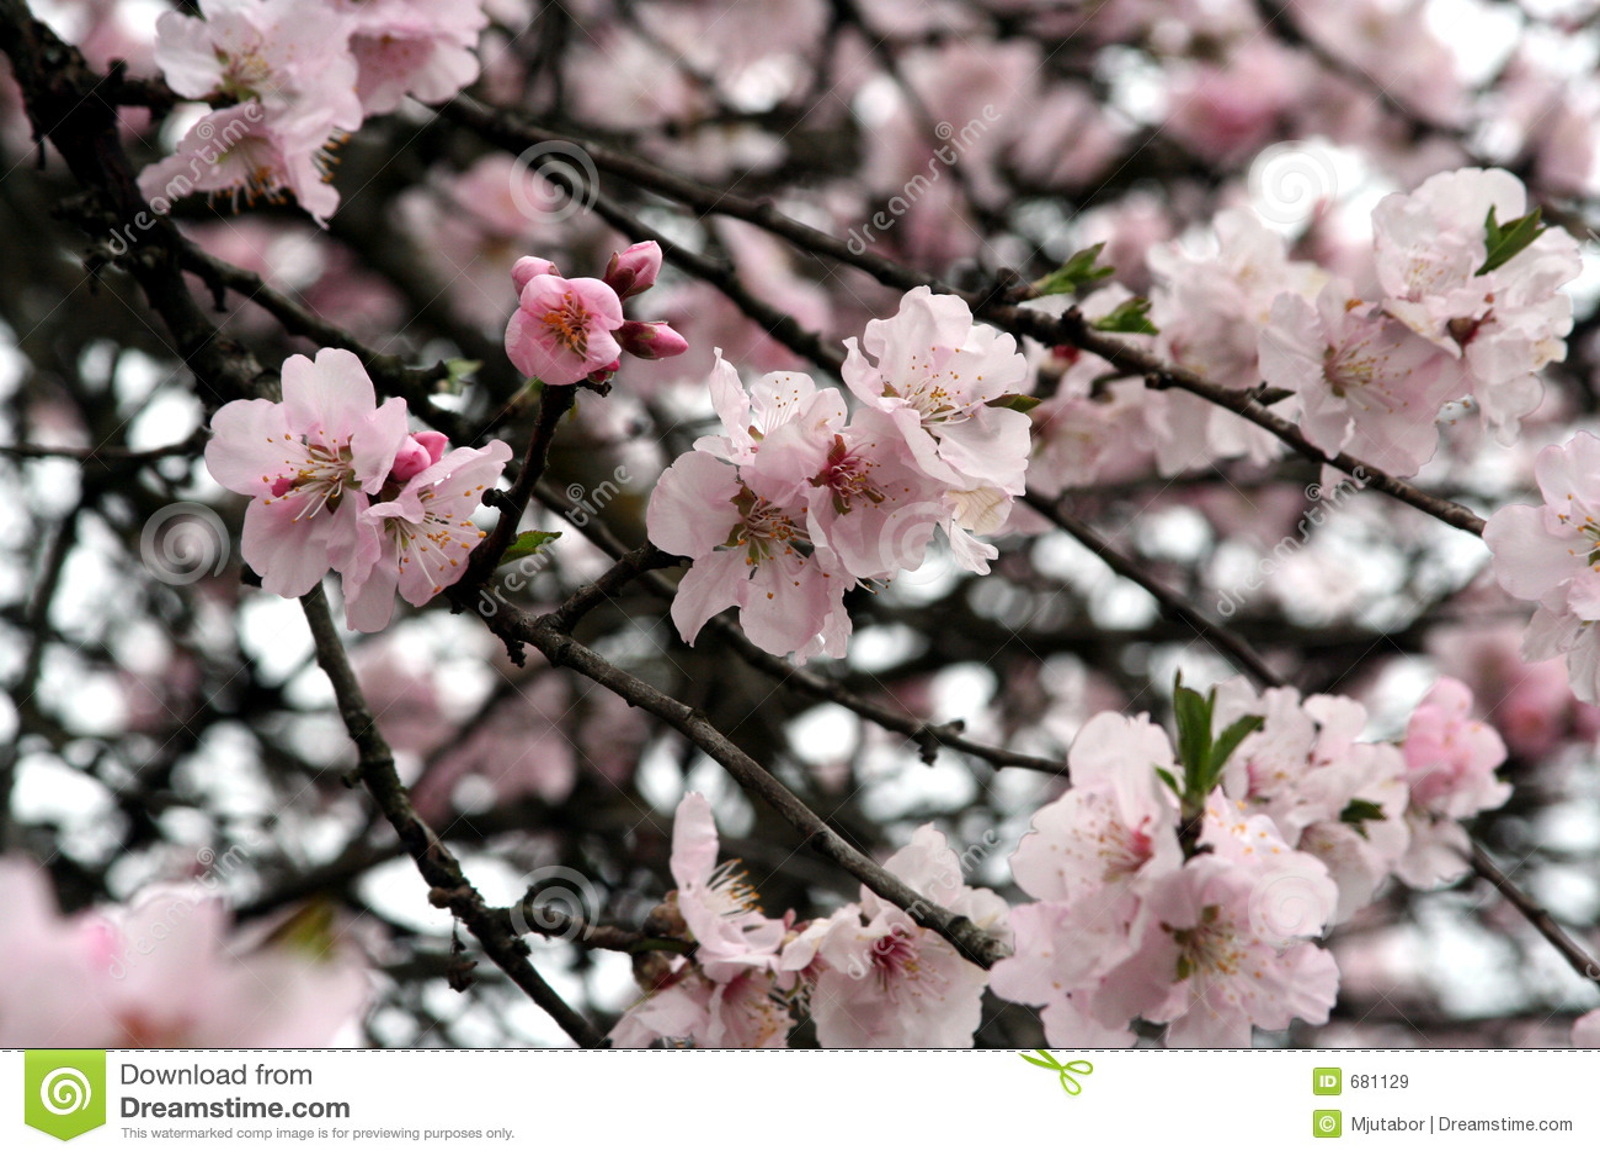 Flor de cereja - mola